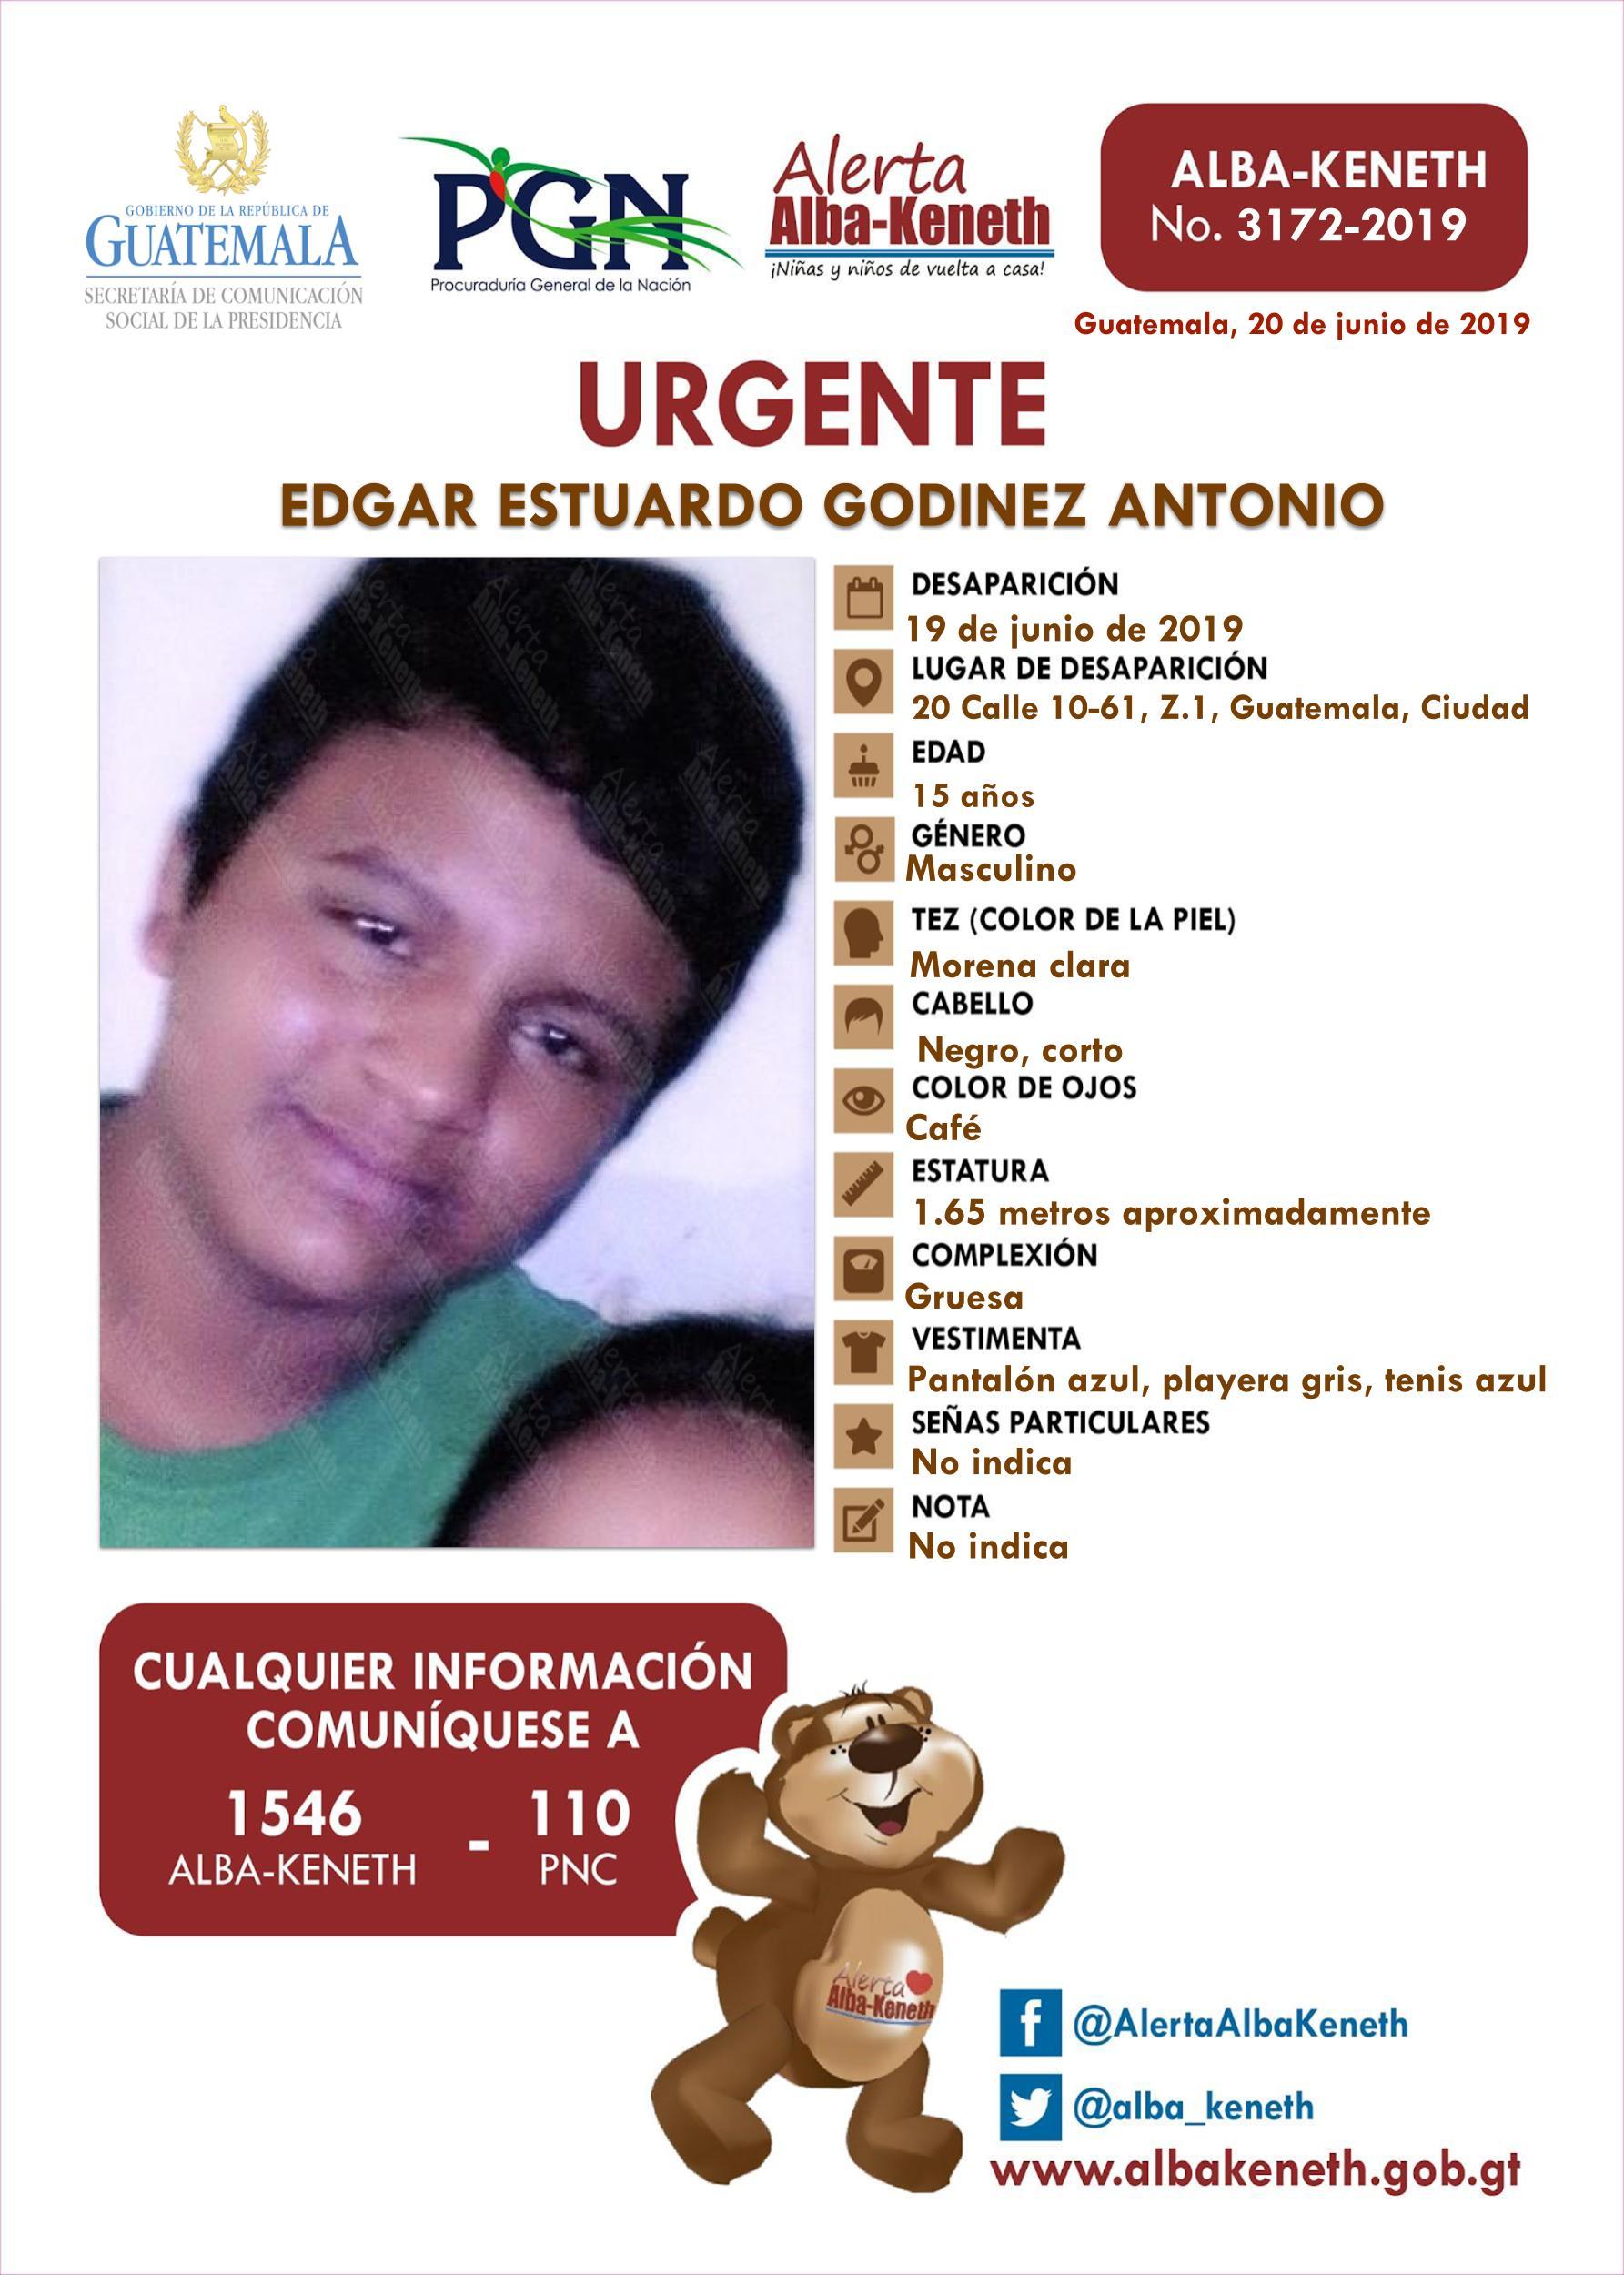 Edgar Estuardo Godinez Antonio